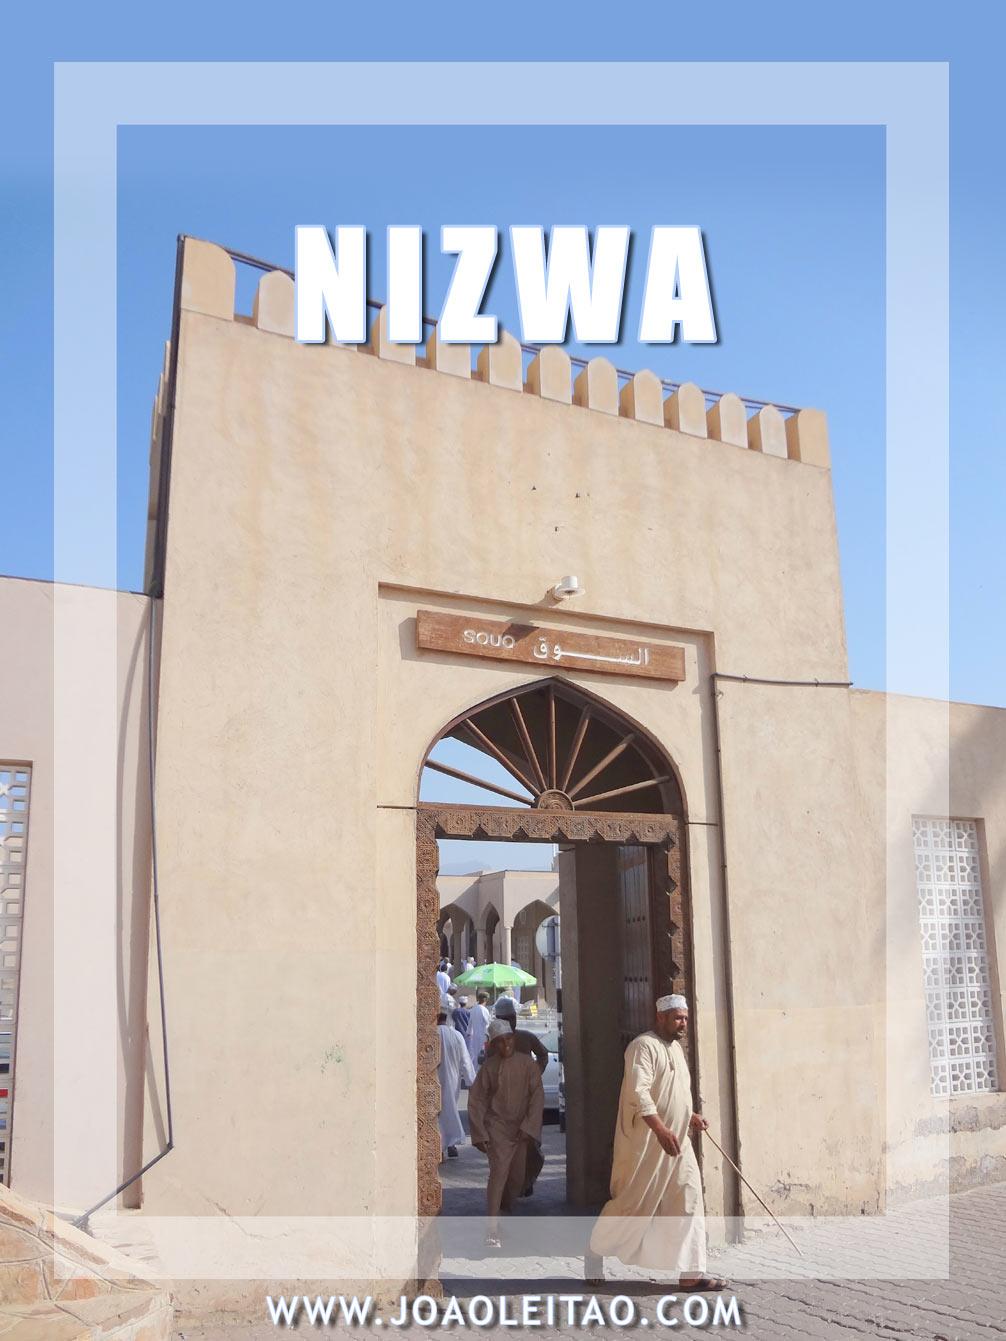 Visitar Nizwa, Omã: Roteiro e Guia Prático de Viagem